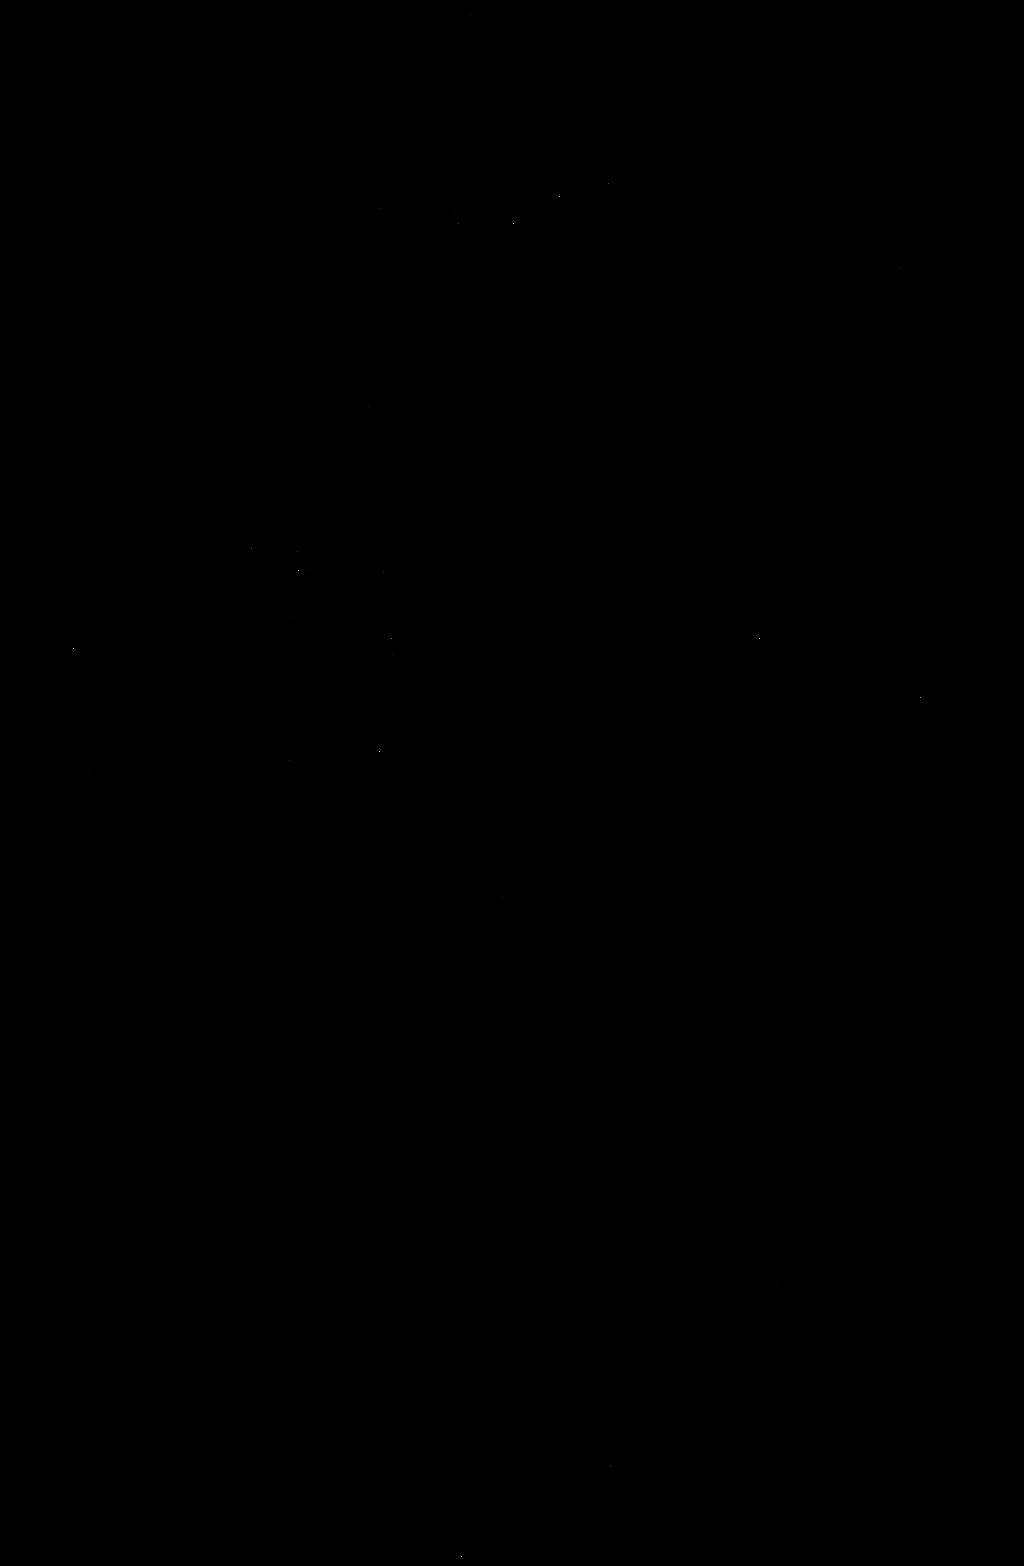 Bleach 568 Lineart By Toroi San On Deviantart Bleach Art Anime [ 1566 x 1024 Pixel ]